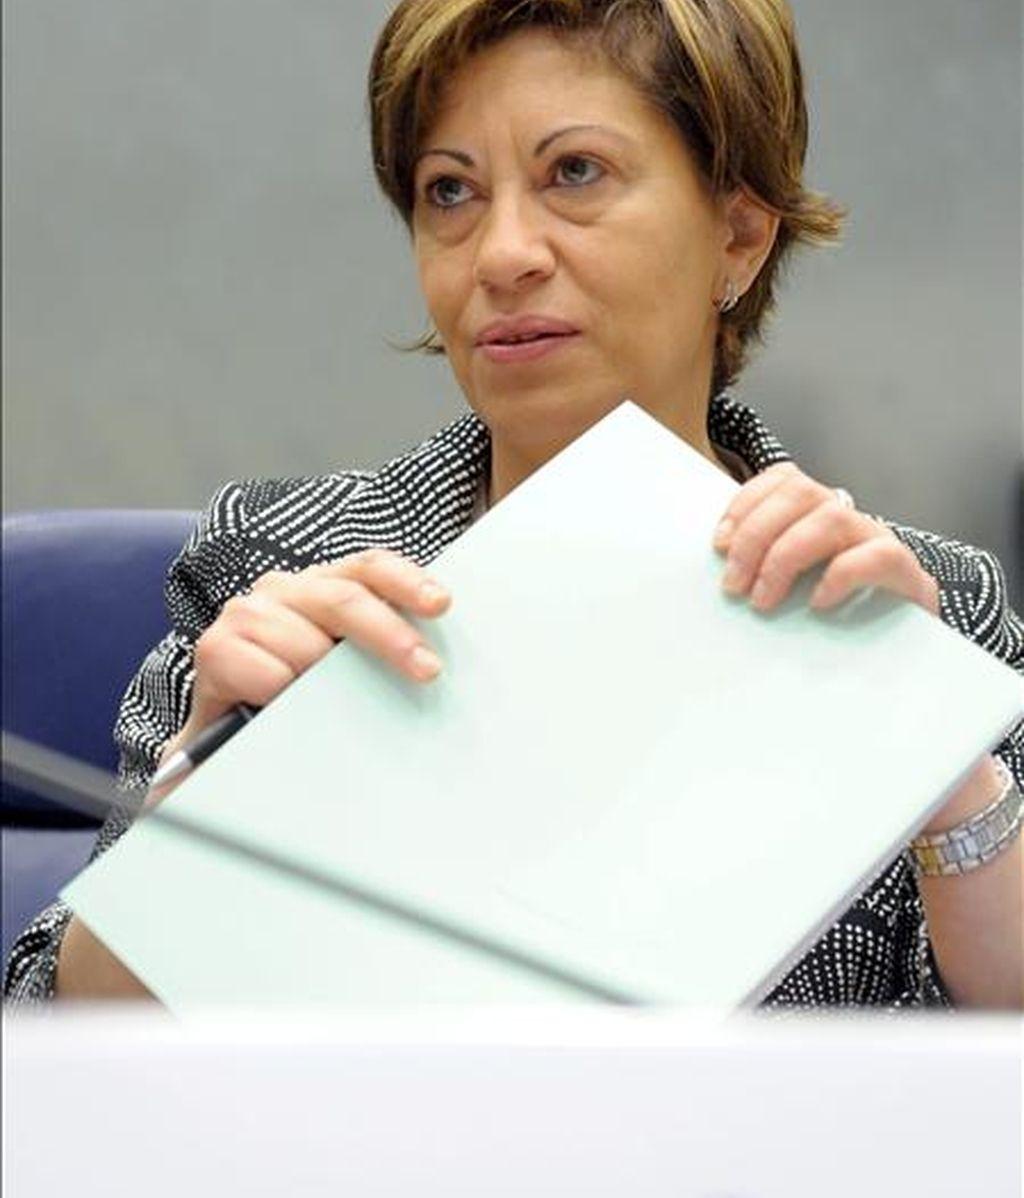 En la imagen, la ministra española de Agricultura, Elena Espinosa. EFE/Archivo